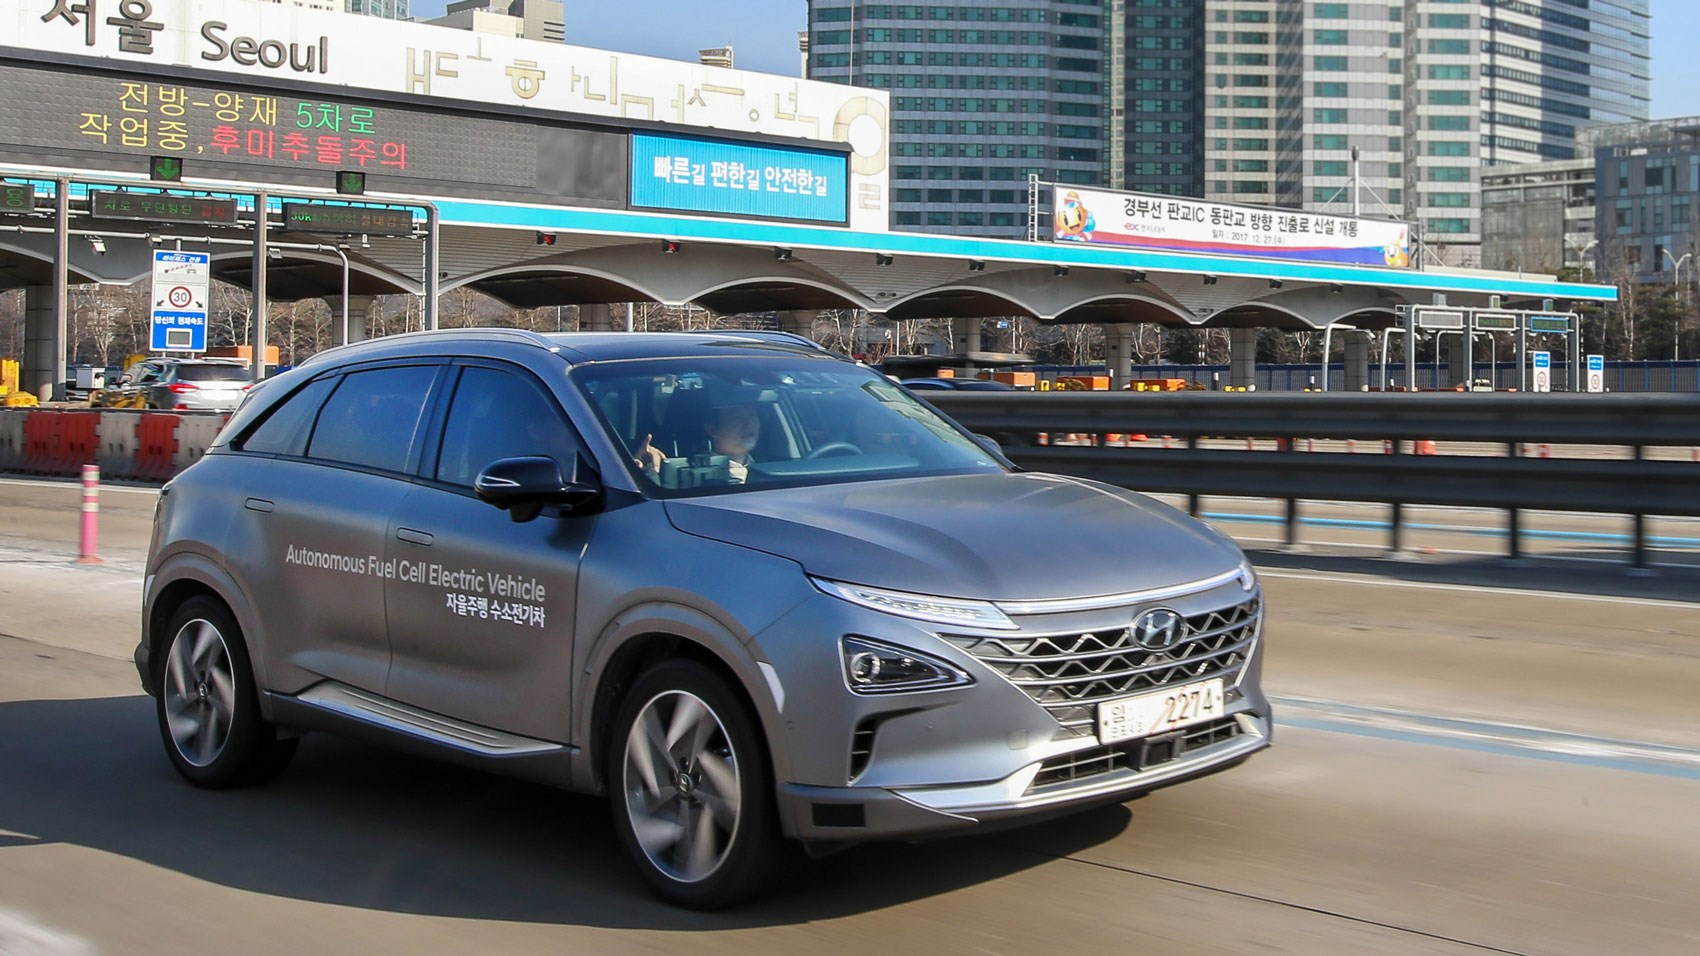 Hyundai Nexo Seoul